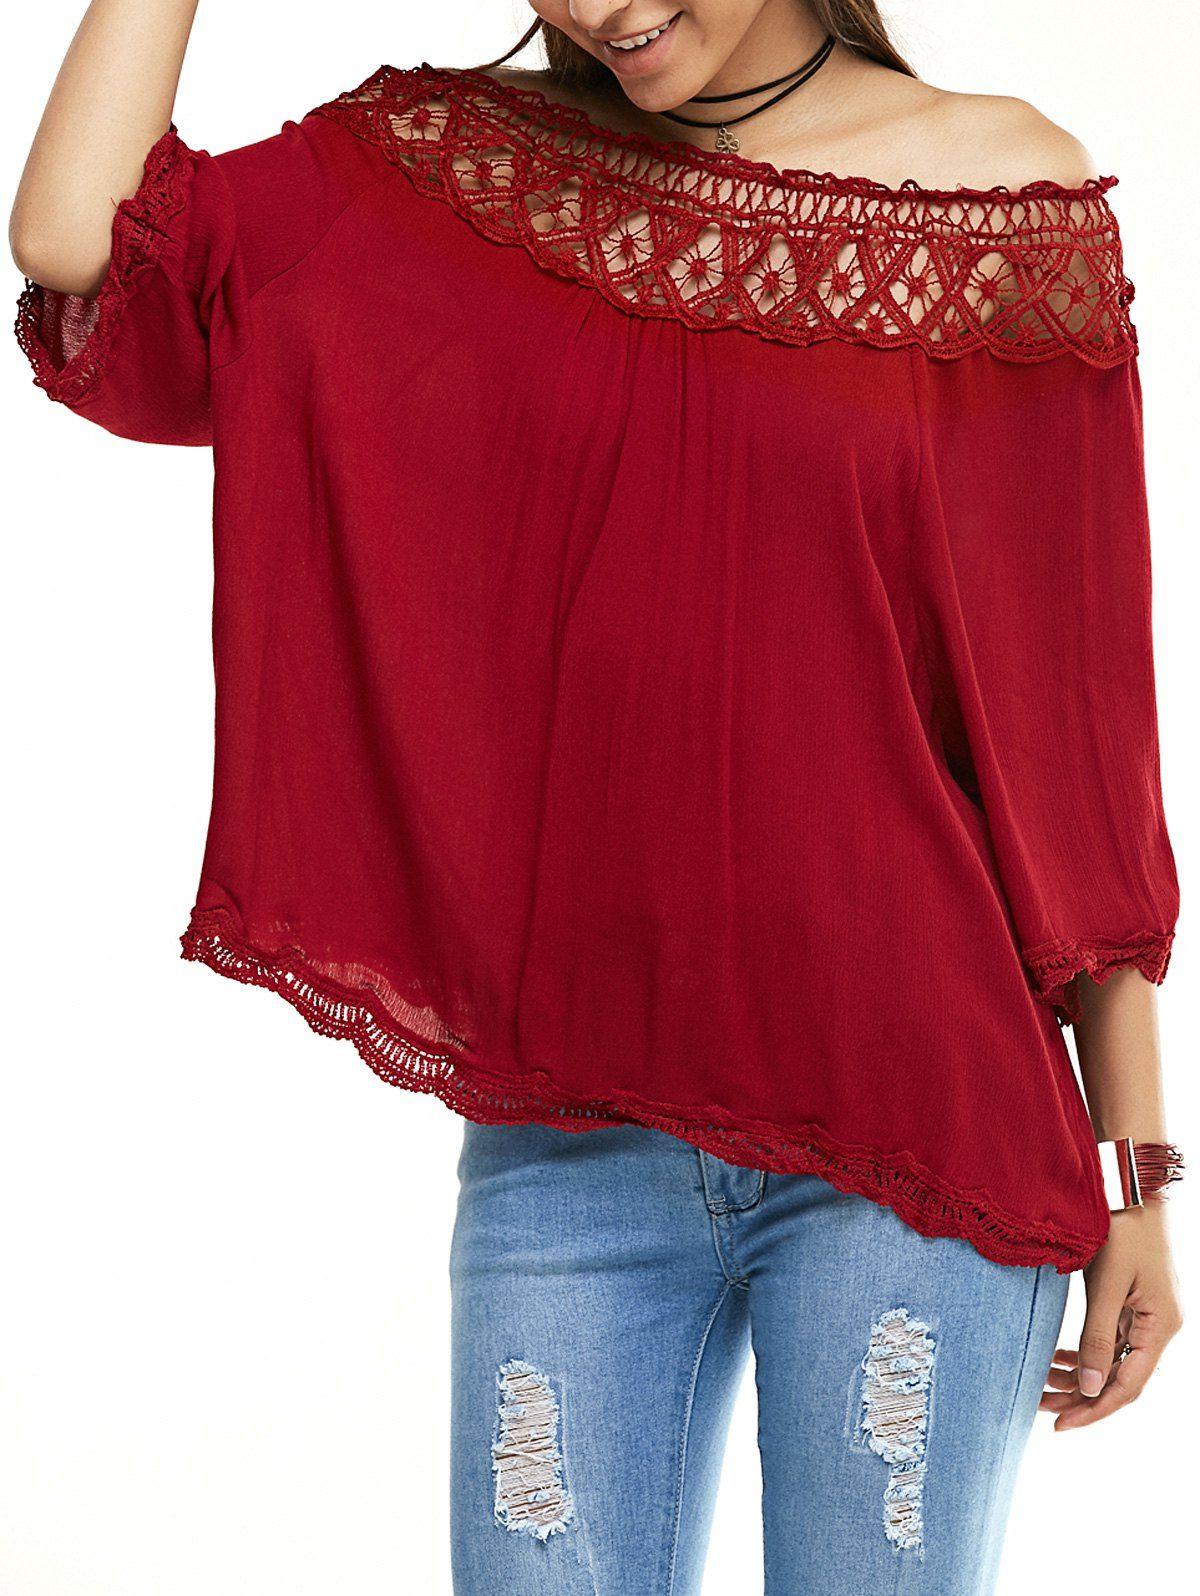 Off the shoulder crochet wine red dress wine shoulder and men hats